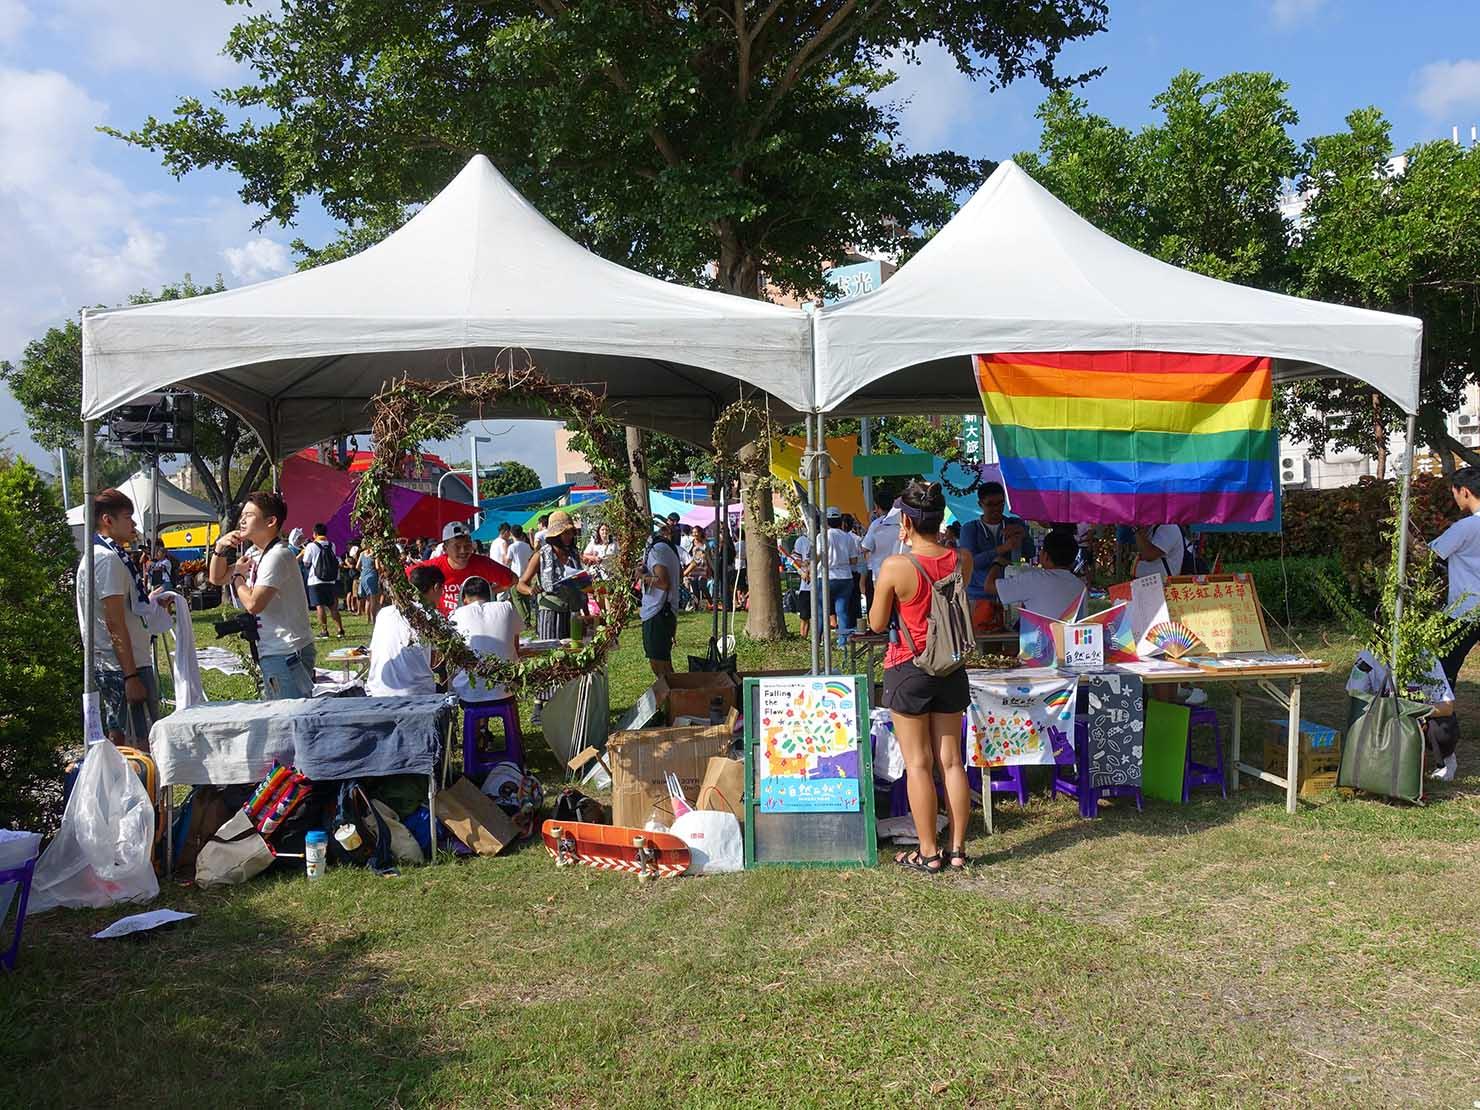 花東彩虹嘉年華(台湾東部LGBTプライド / 台東場)の集合地点・新生公園に出展するテント